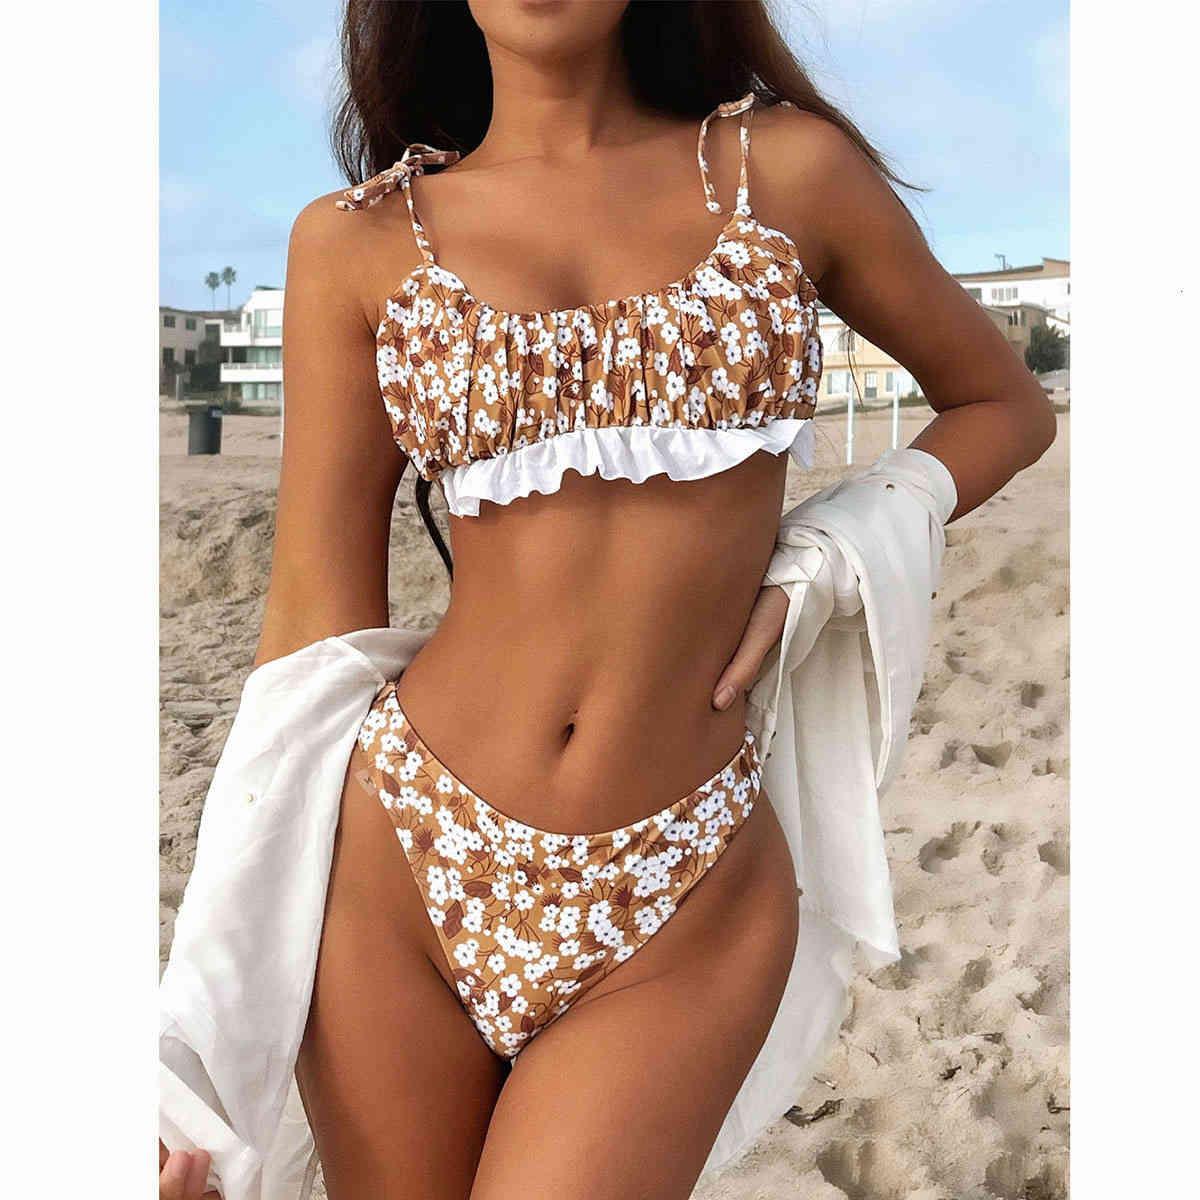 2021 Sexy Women Maillot de bain Femelle Taille haute Bikini Thong Ensemble de maillots de bain Floraux pour maillot de bain